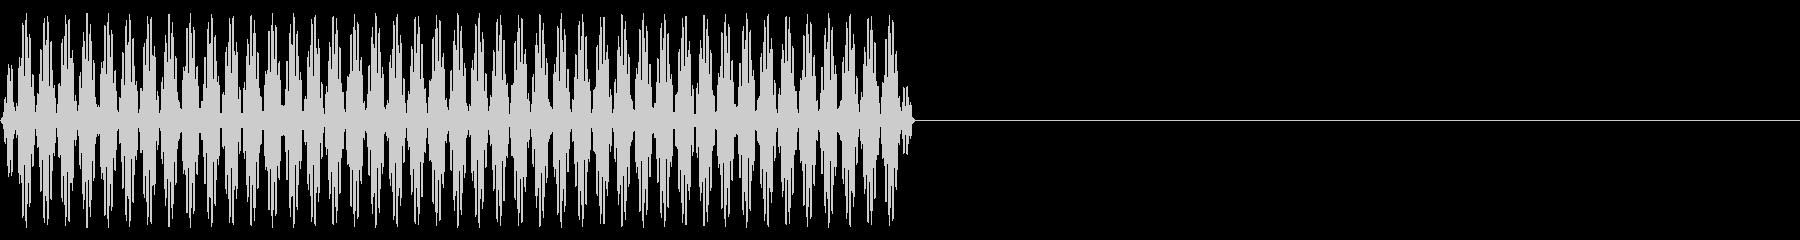 『ピッ』電話のプッシュ音(7)-単音の未再生の波形